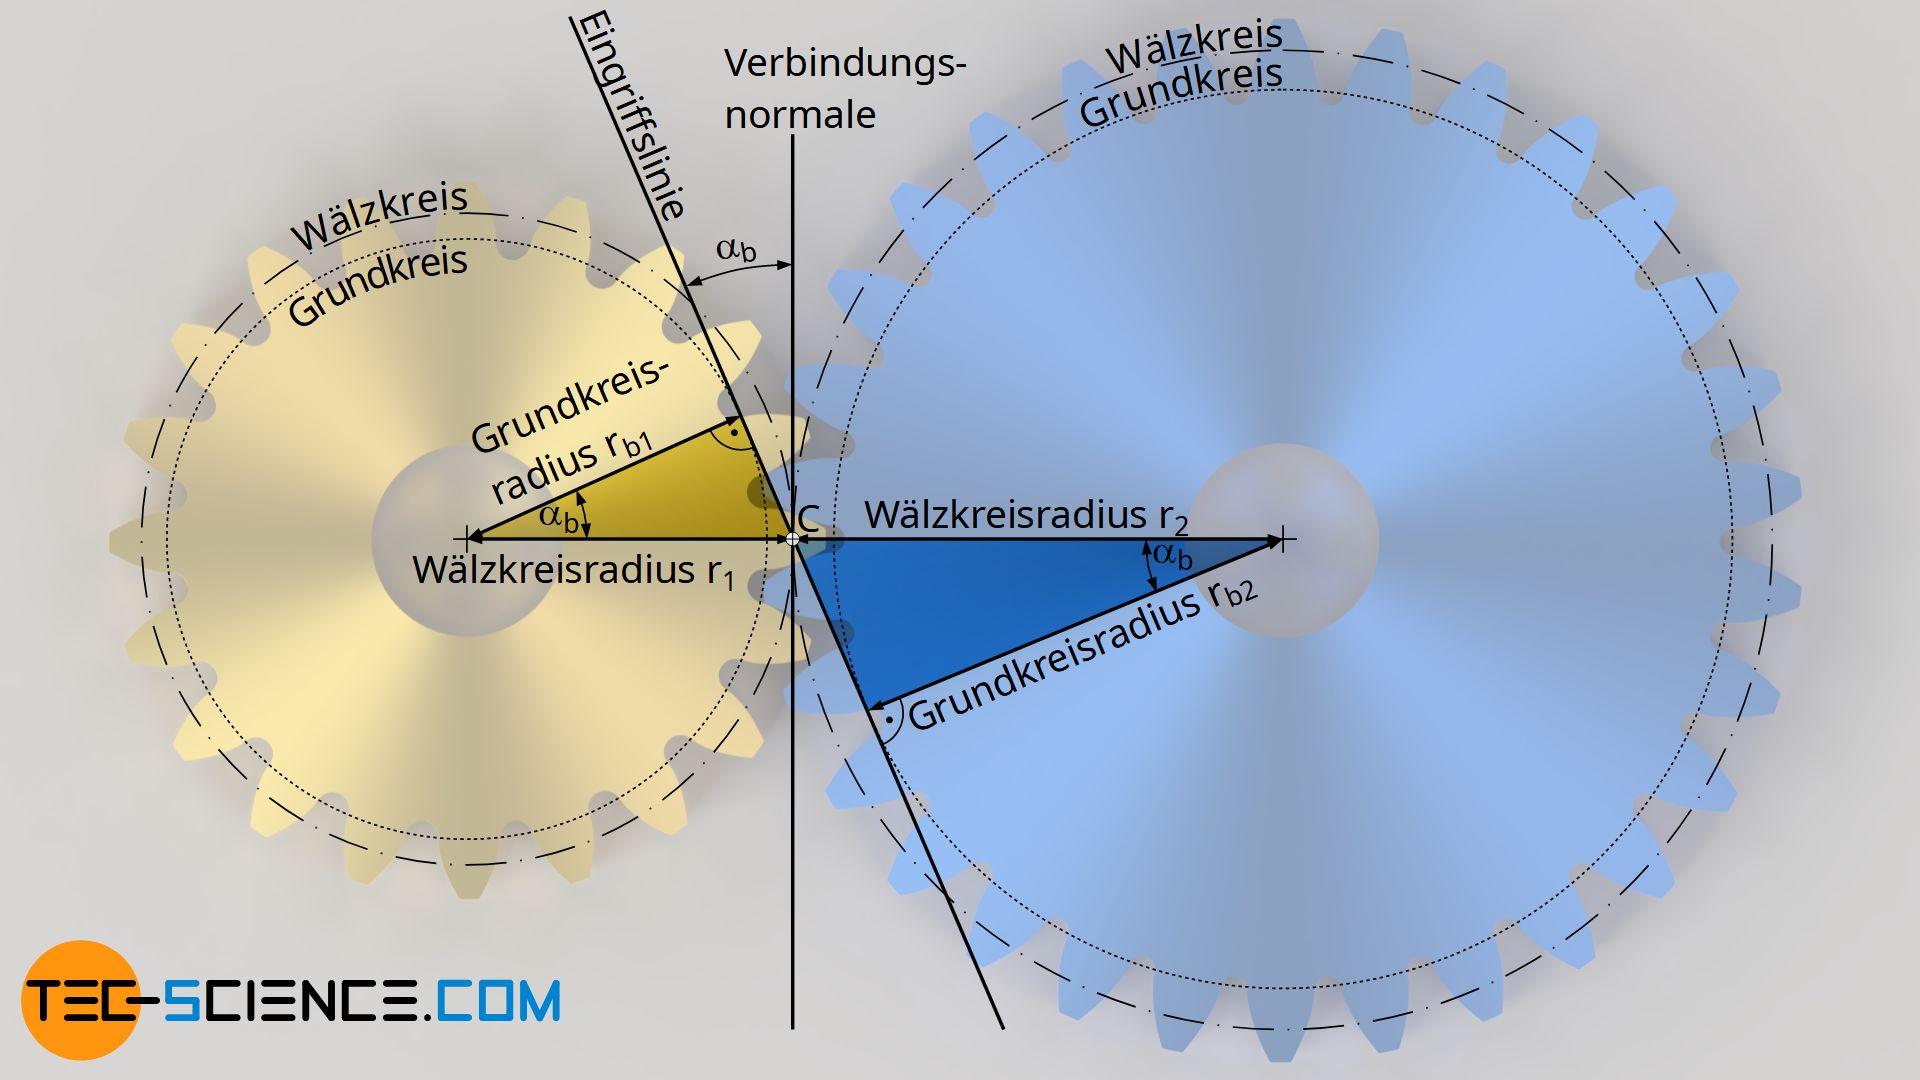 Zusammenhang zwischen Grundkreis und Wälzkreis